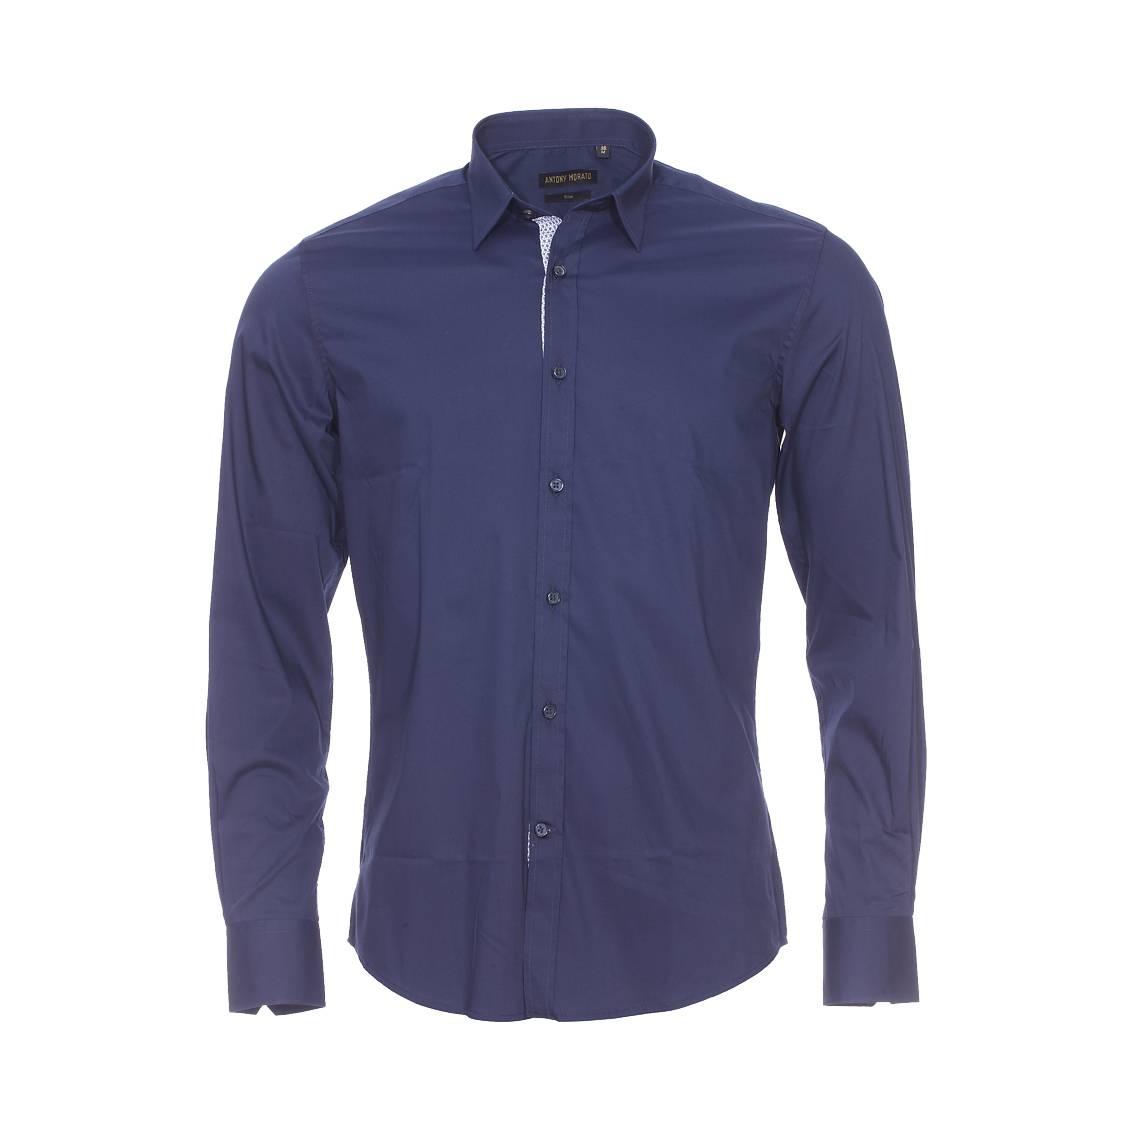 Chemise cintrée  en coton stretch bleu marine à opposition sur la boutonnière